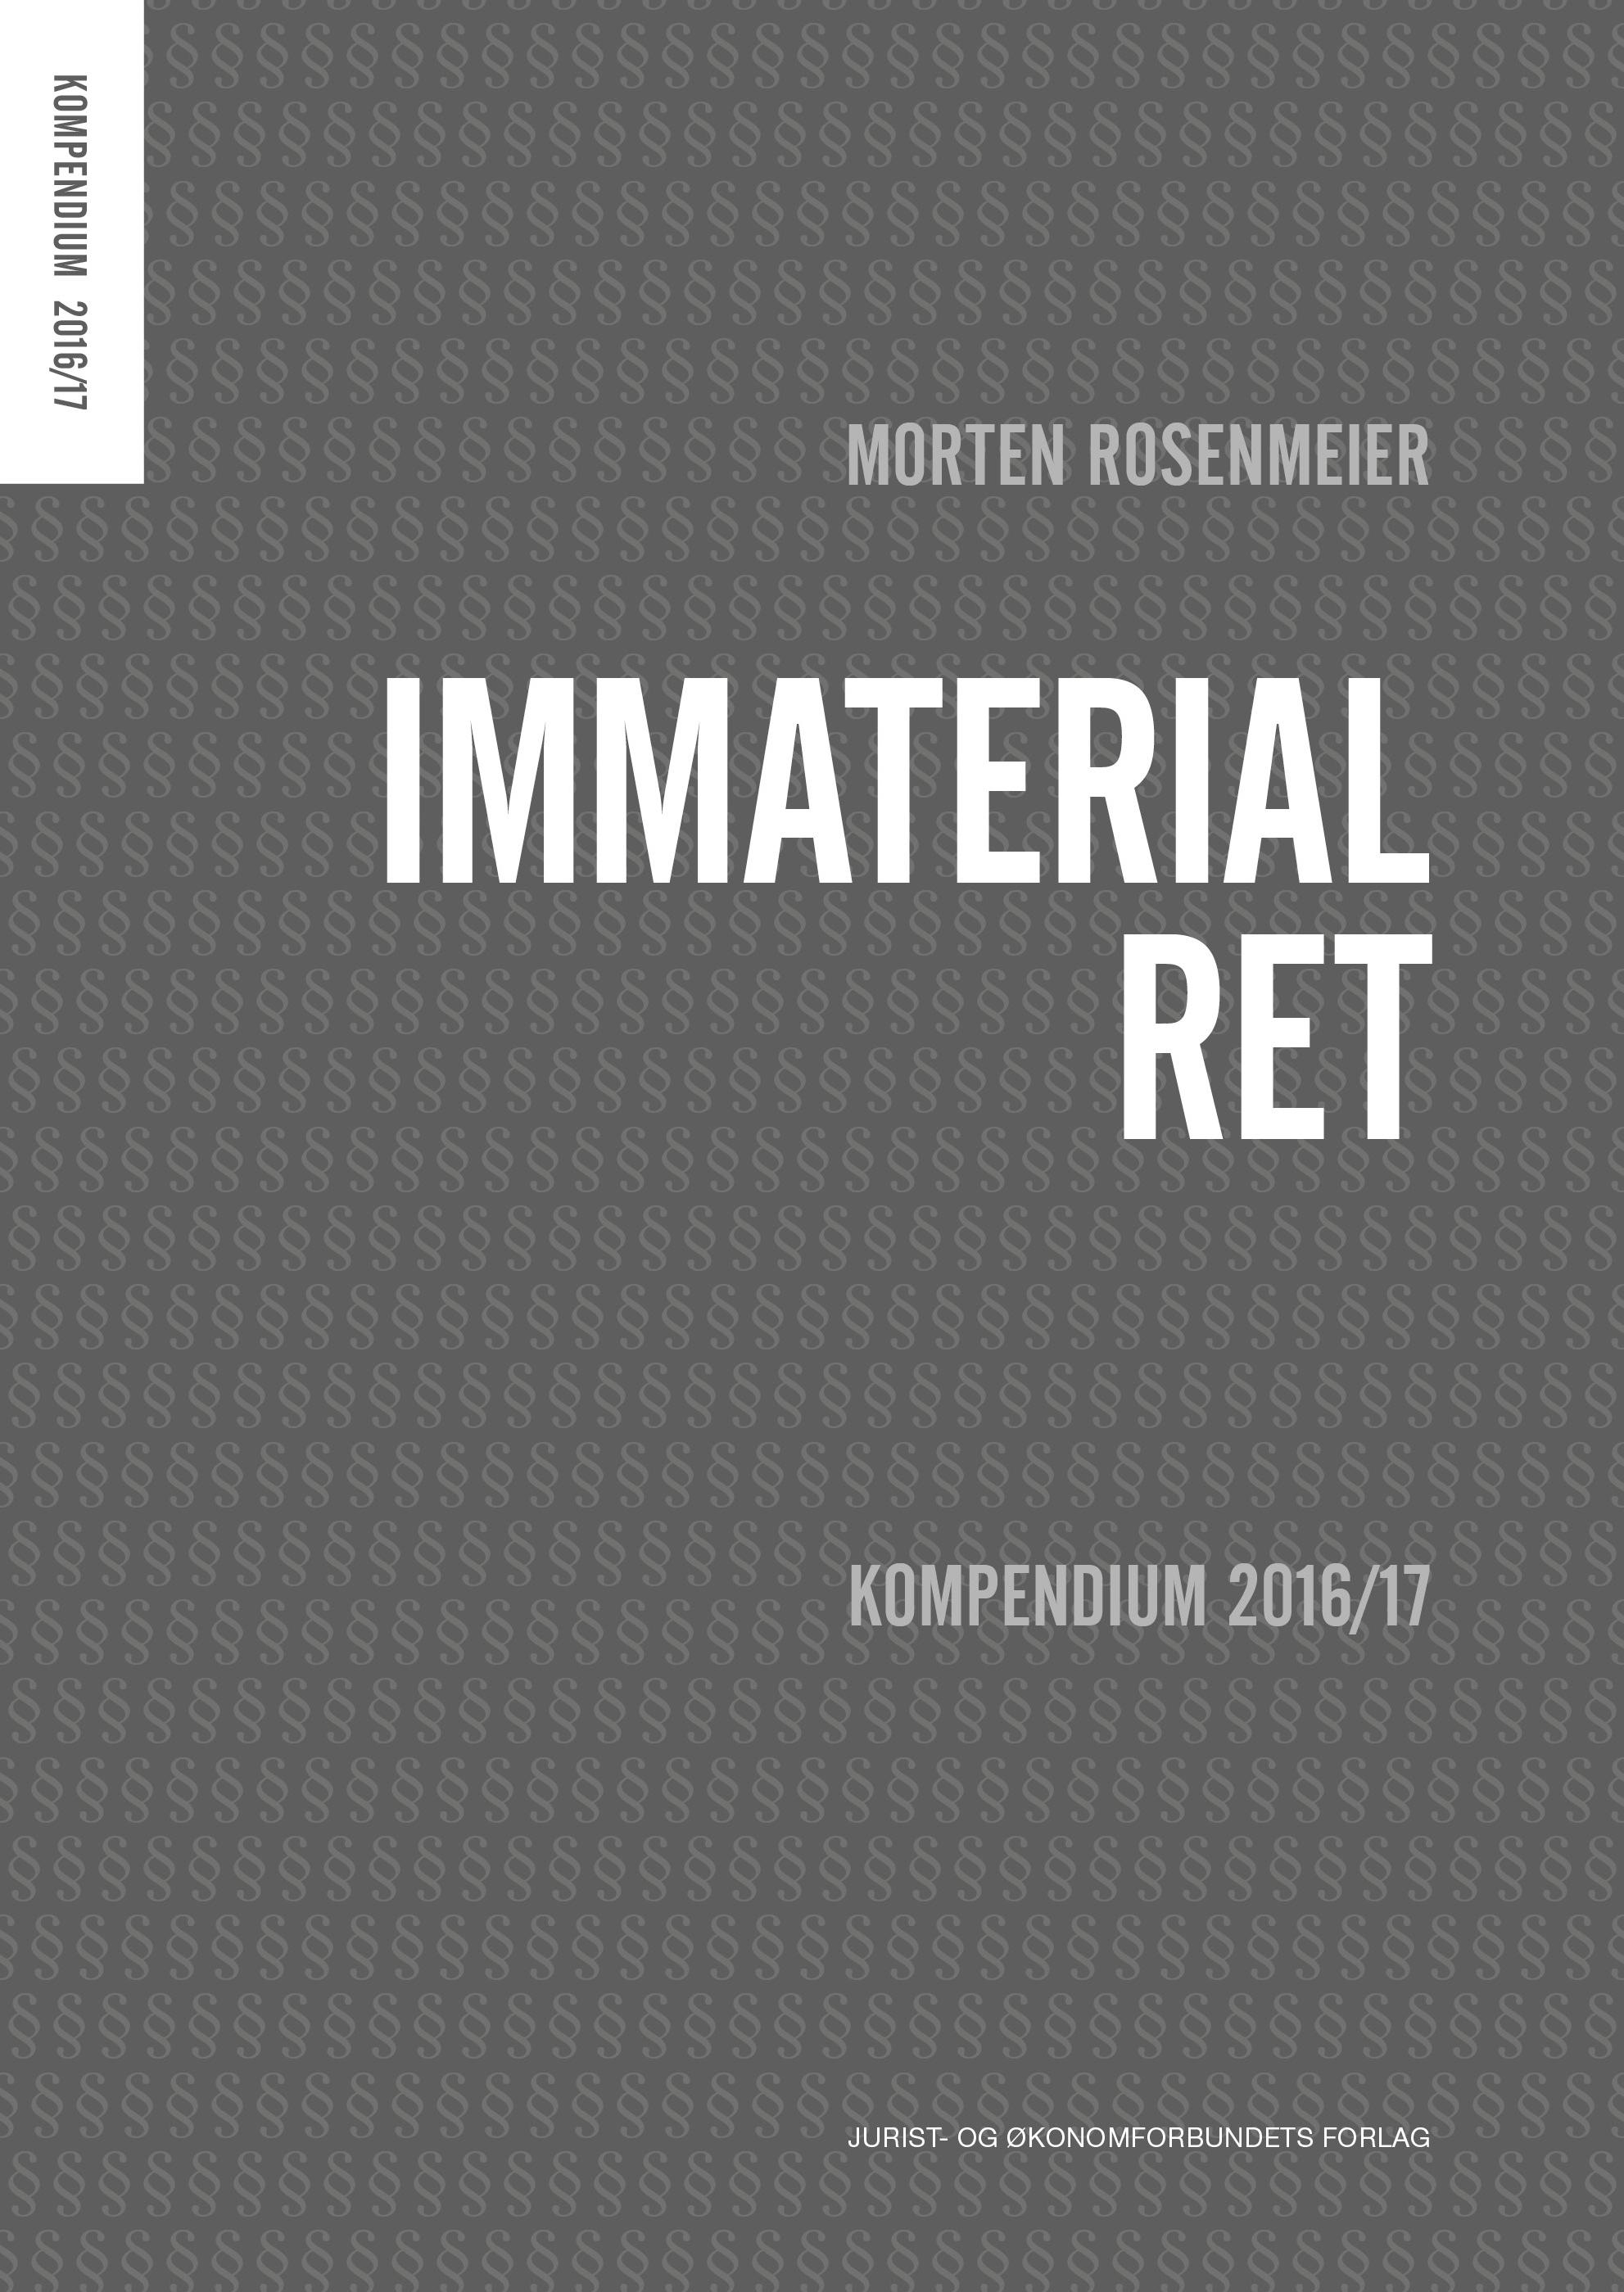 Immaterialret - Kompendium 2016/17